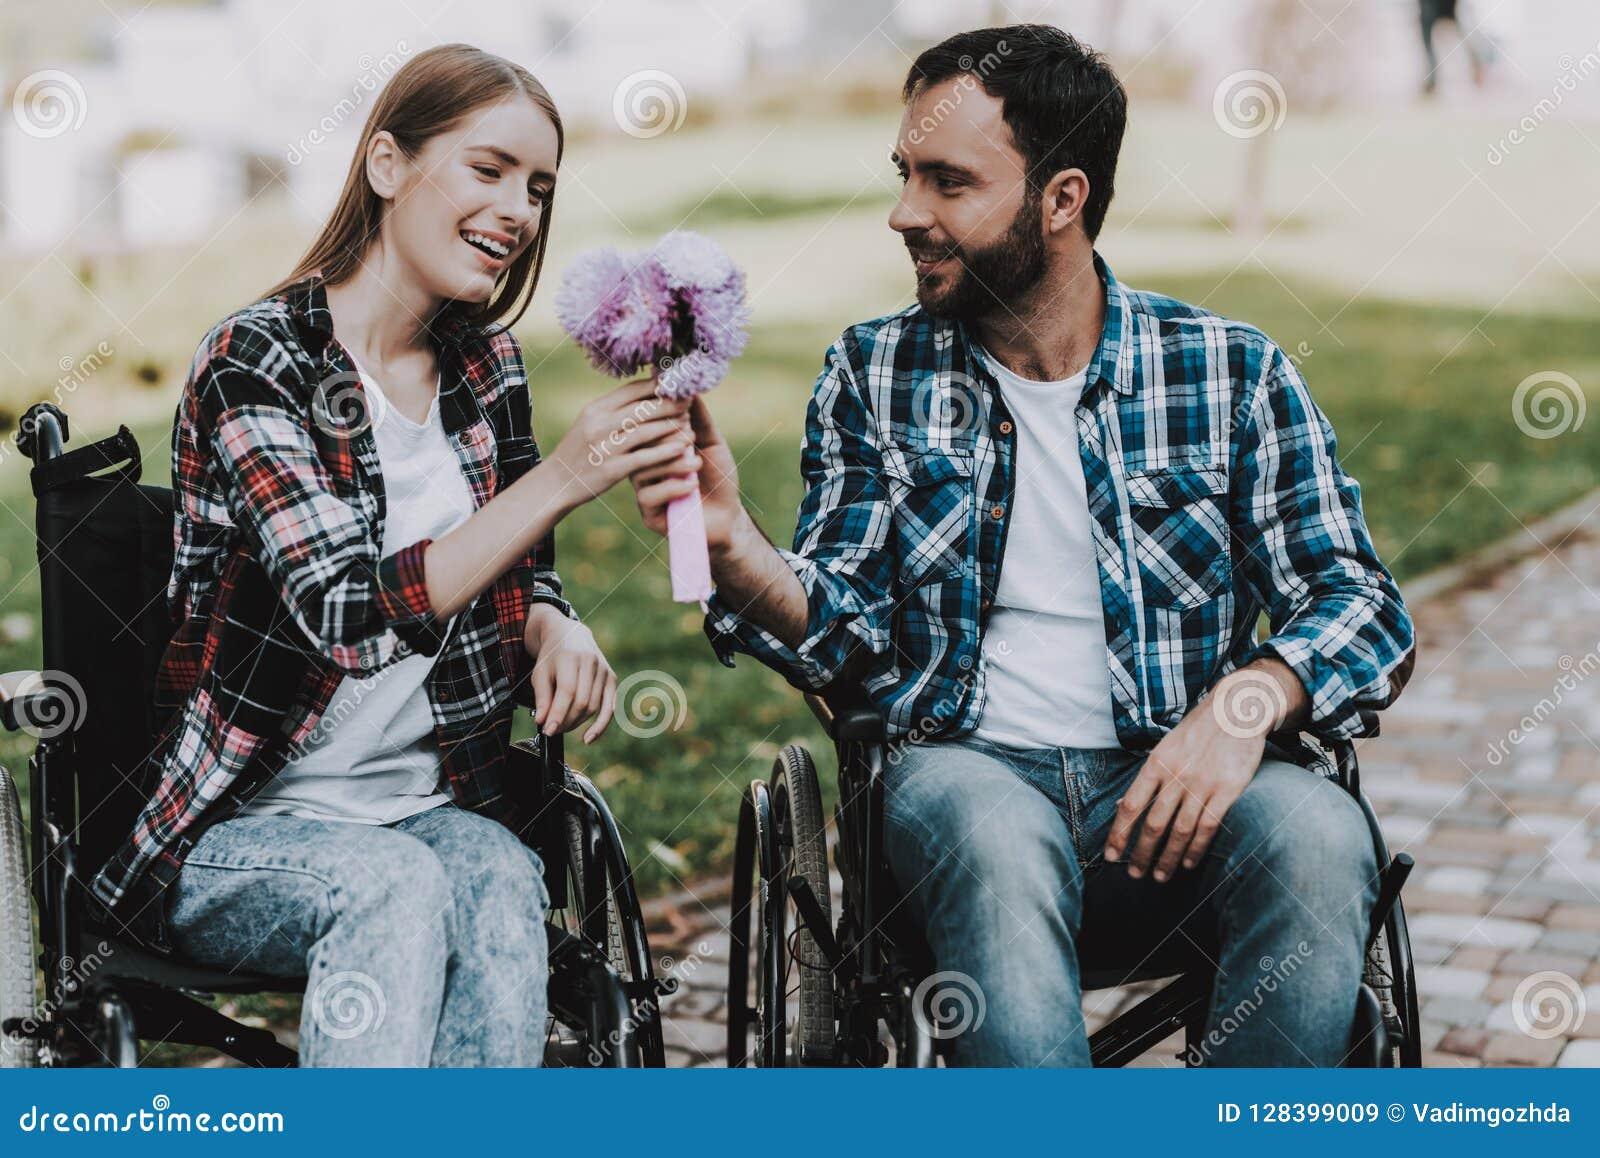 Menschen mit behinderung dating